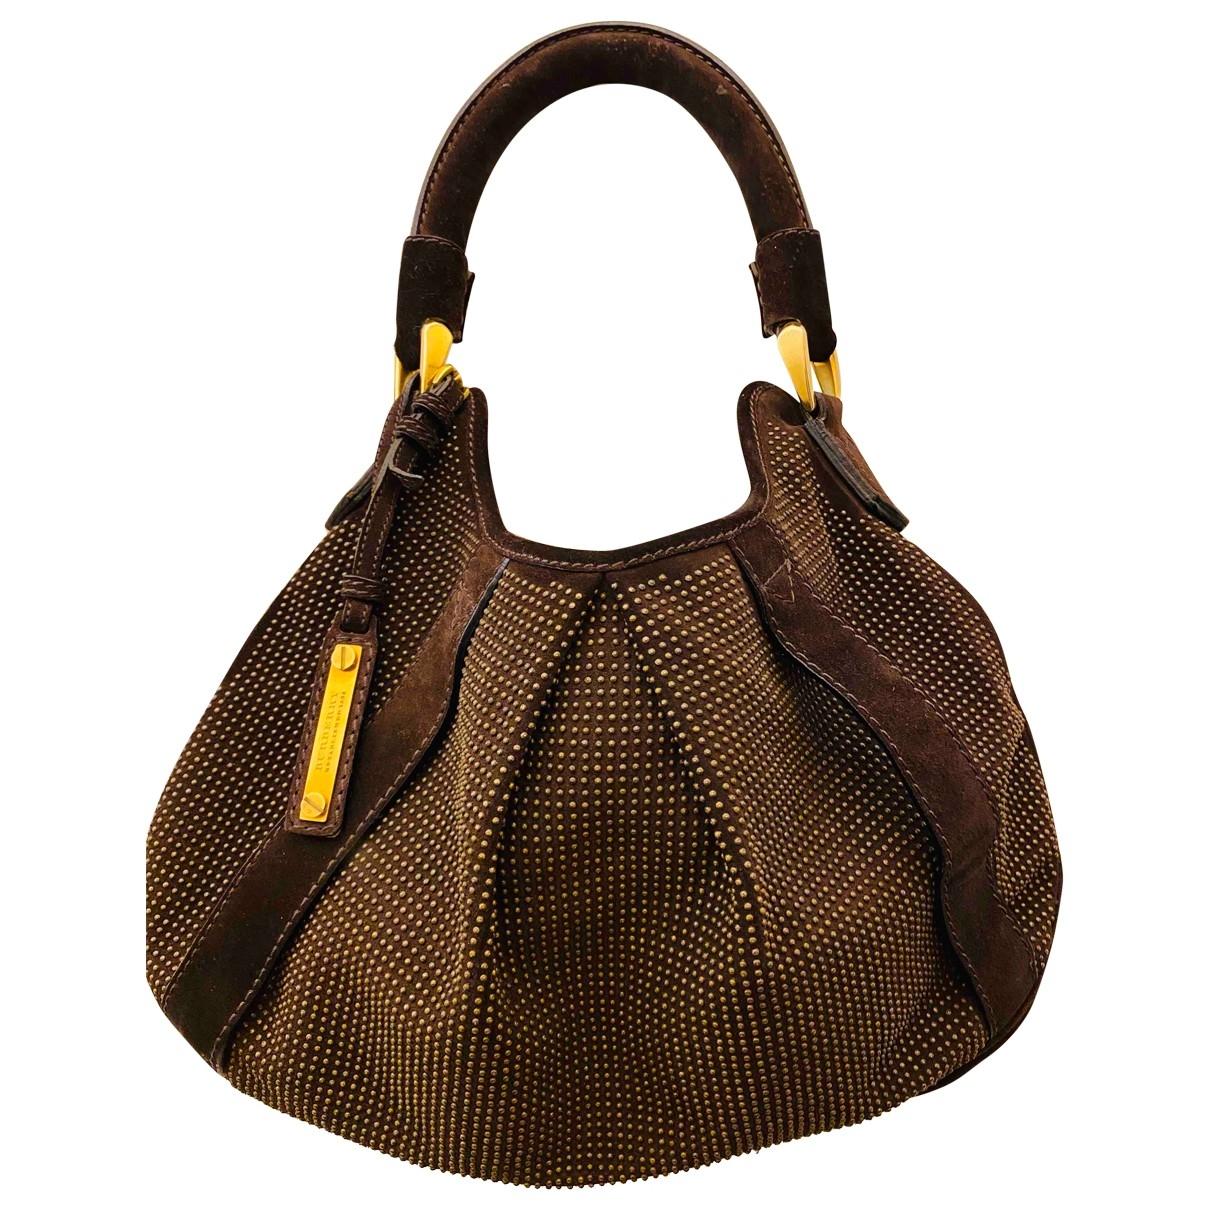 Burberry \N Handtasche in  Braun Veloursleder